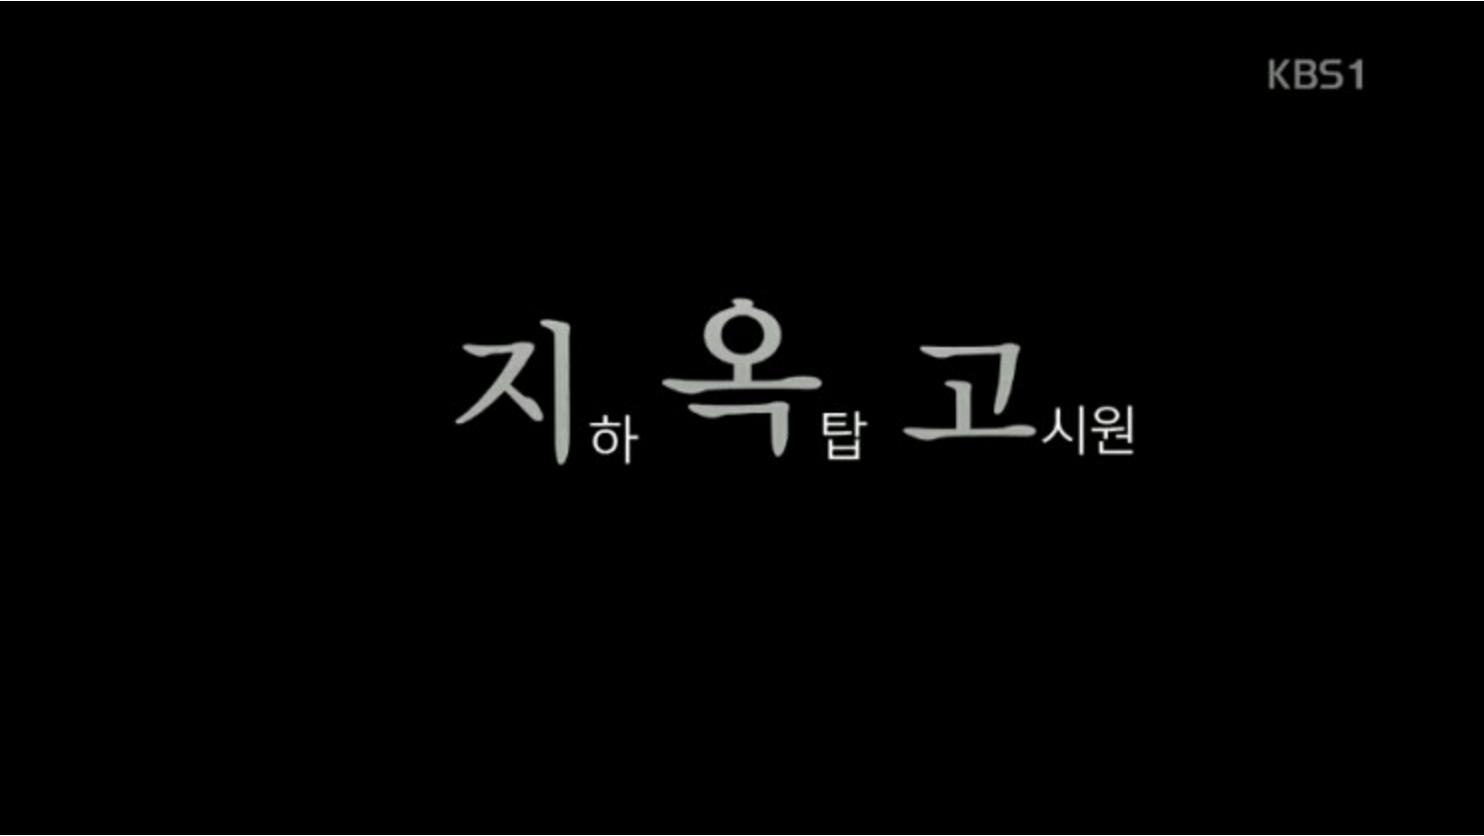 KBS 스페셜 - 지옥고, 청년의 방